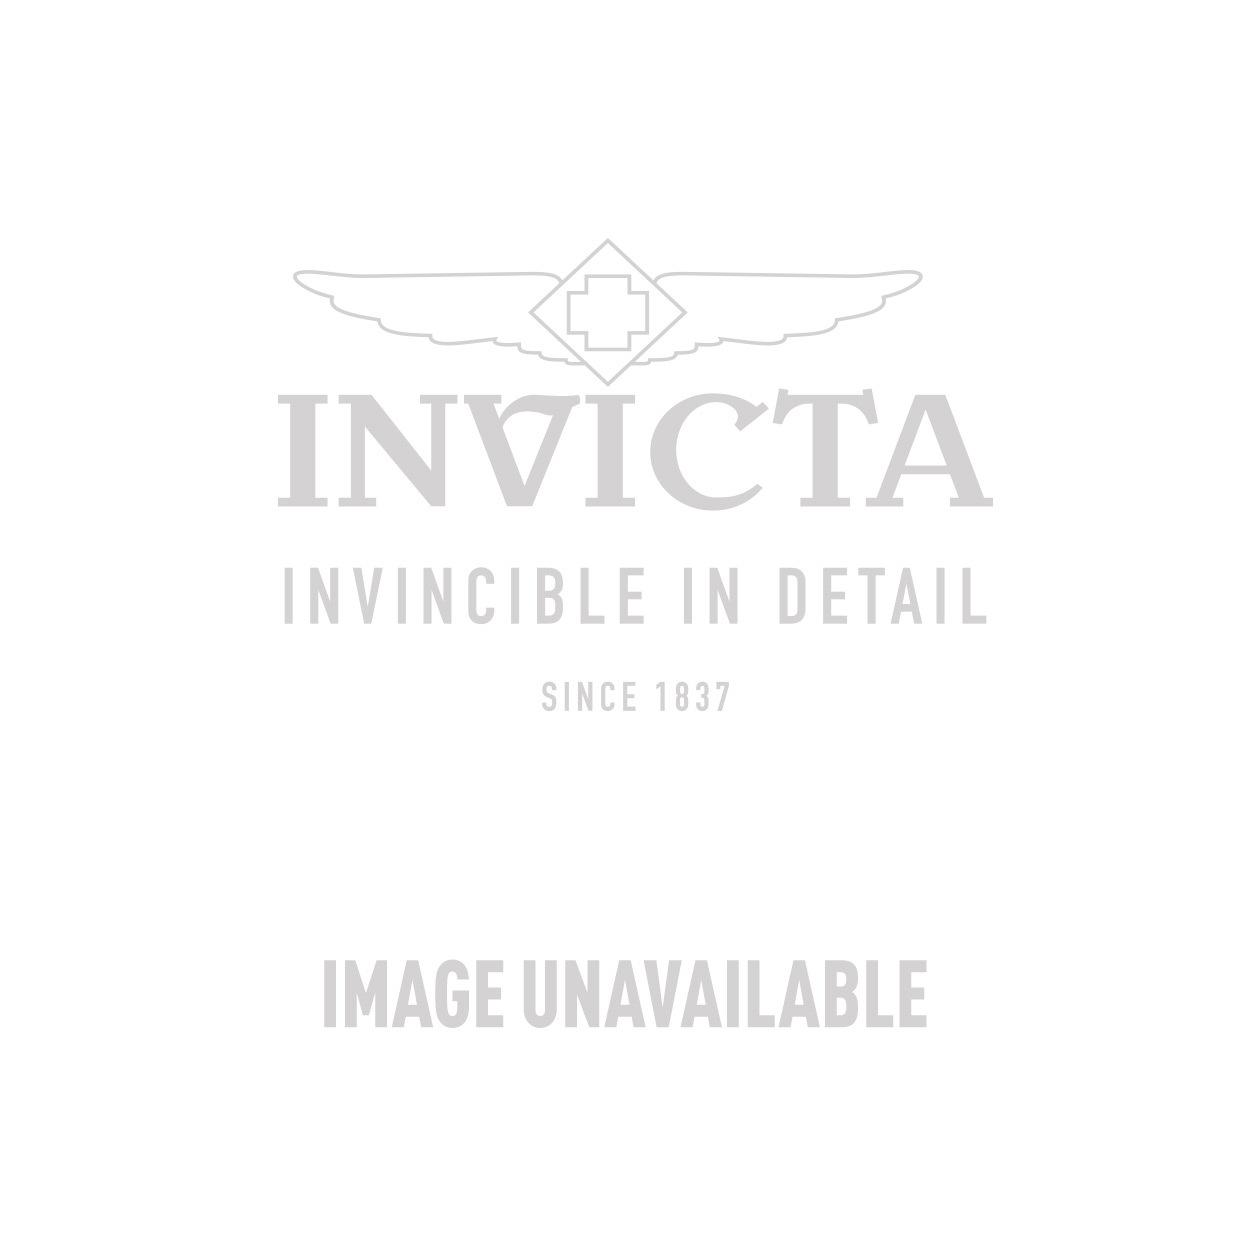 Invicta Model  25836